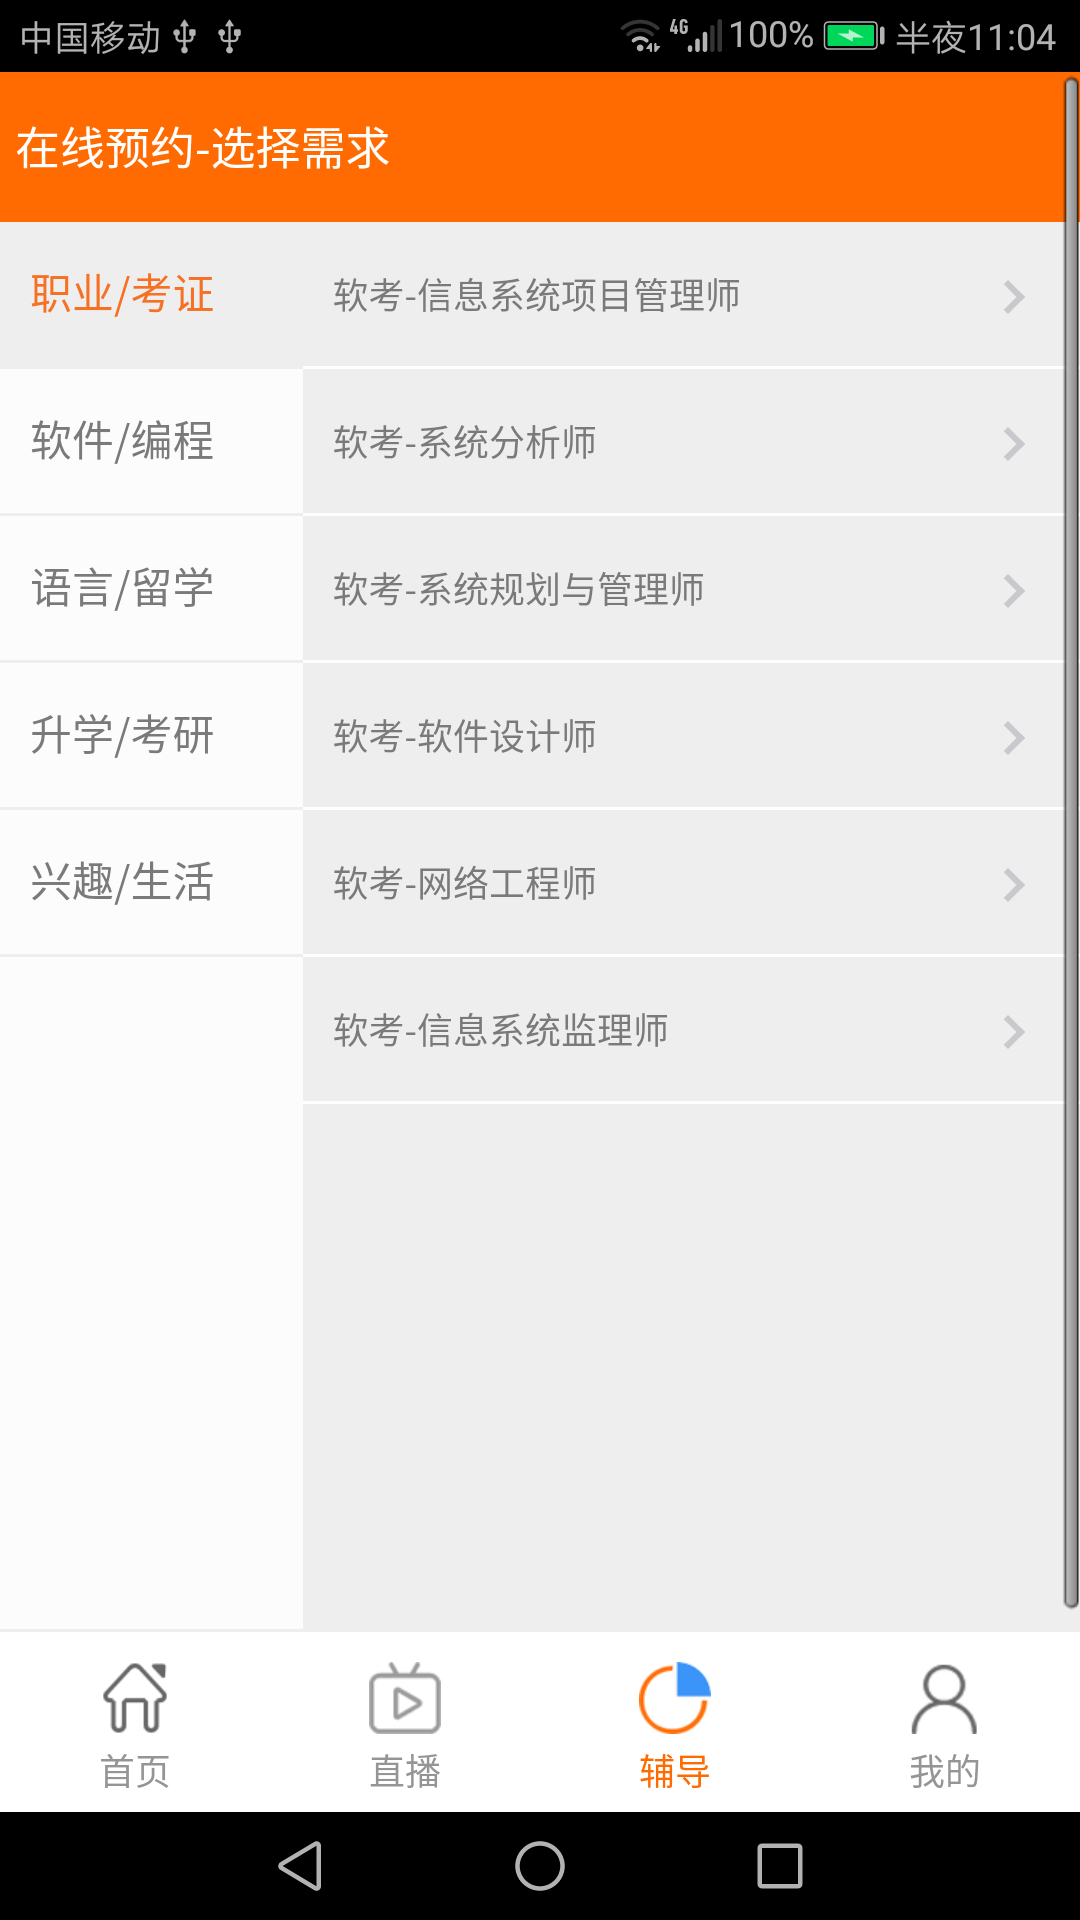 社大讲堂-应用截图